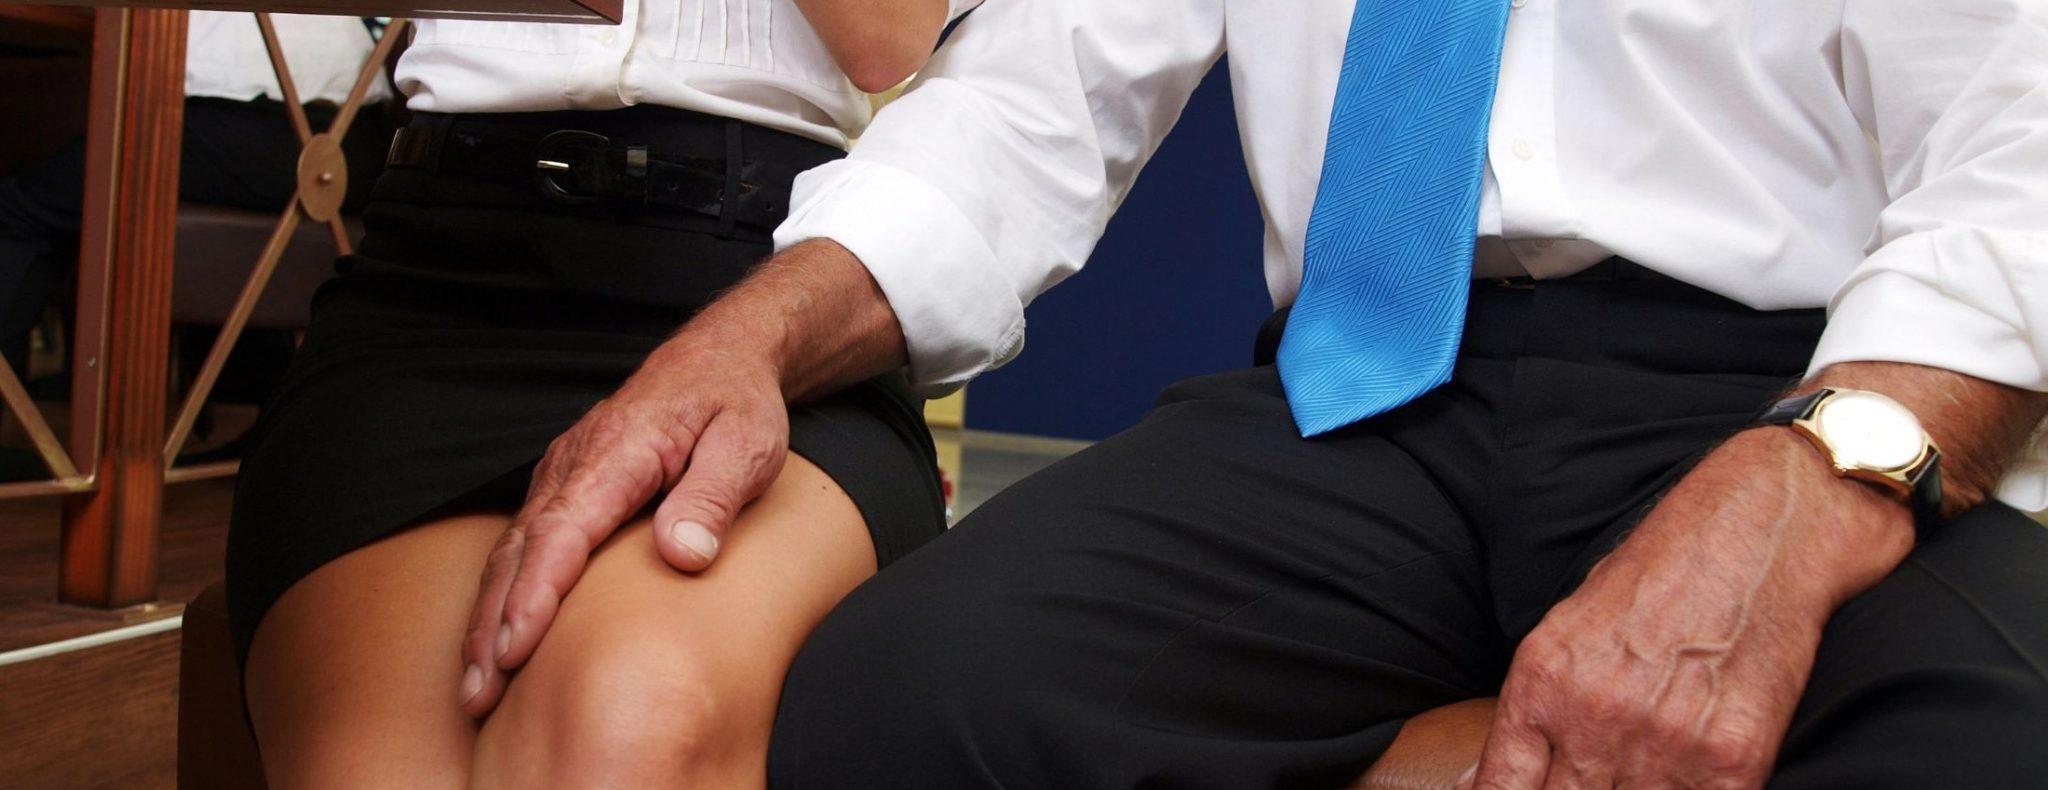 photo d'une femme harcelé sexuellement au travail pour la formation référent harcèlement